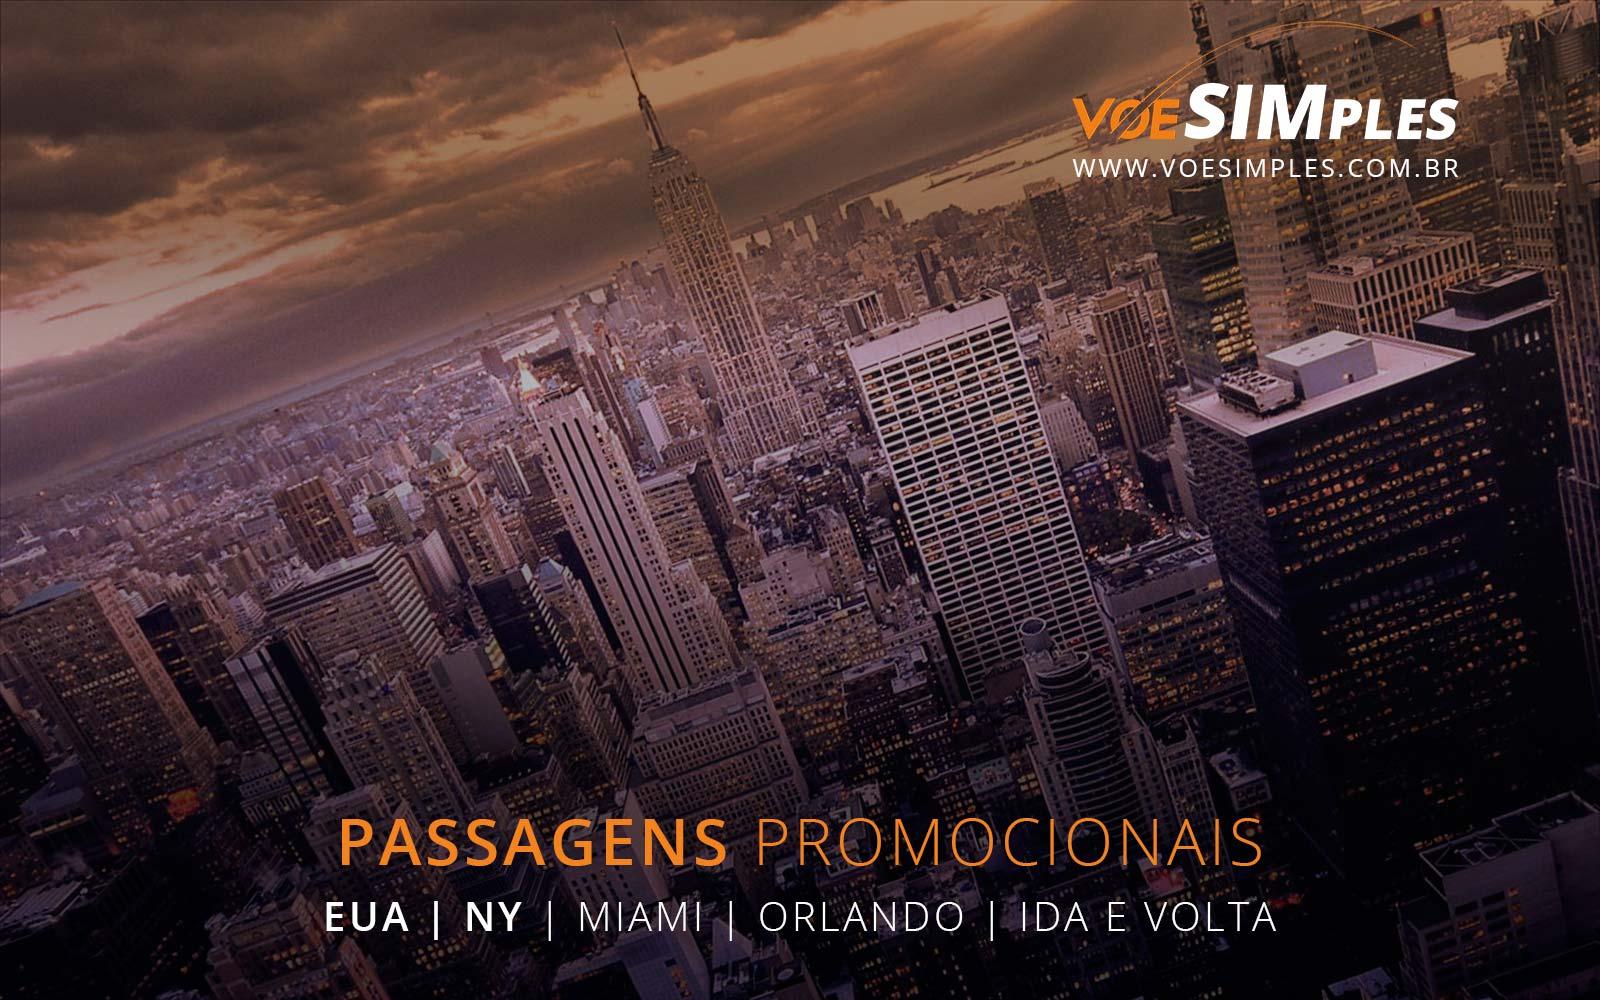 Passagens aéreas promocionais para Miami, Orlando e Nova York nos Estados Unidos